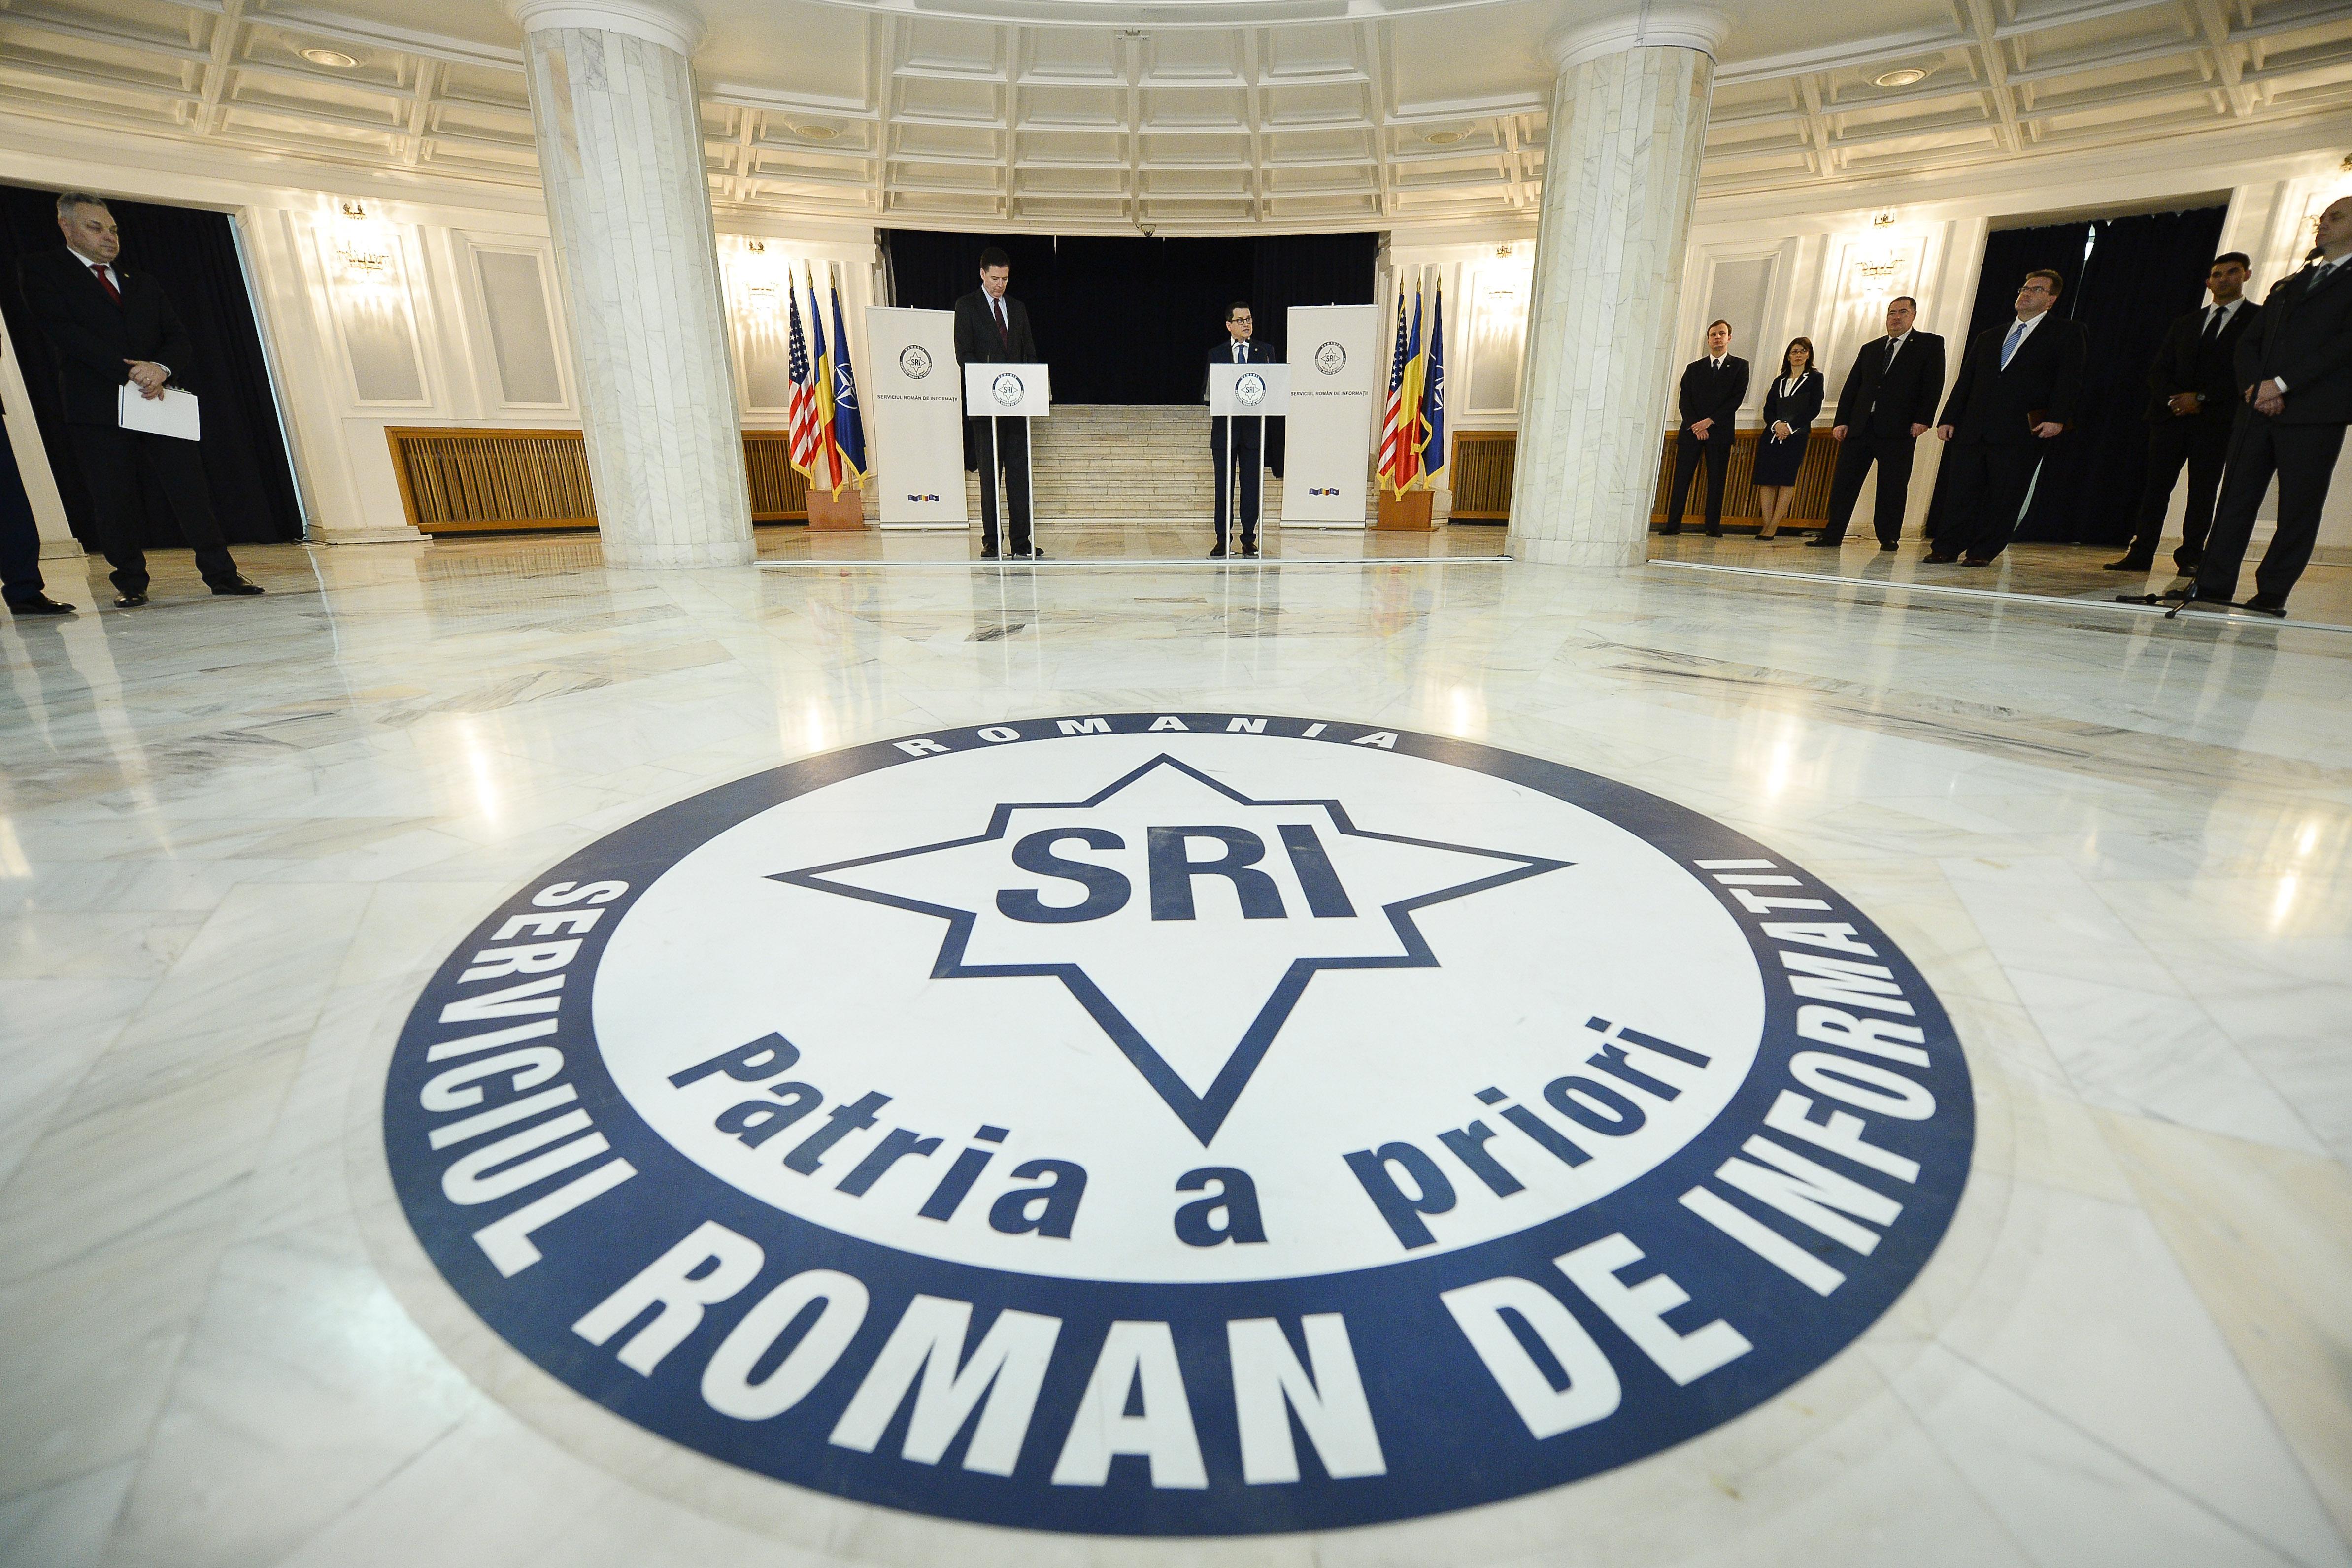 Şeful Comisiei SRI va supune la vot desecretizarea audierii generalului Dumbravă / Acordul trebuie dat de SRI